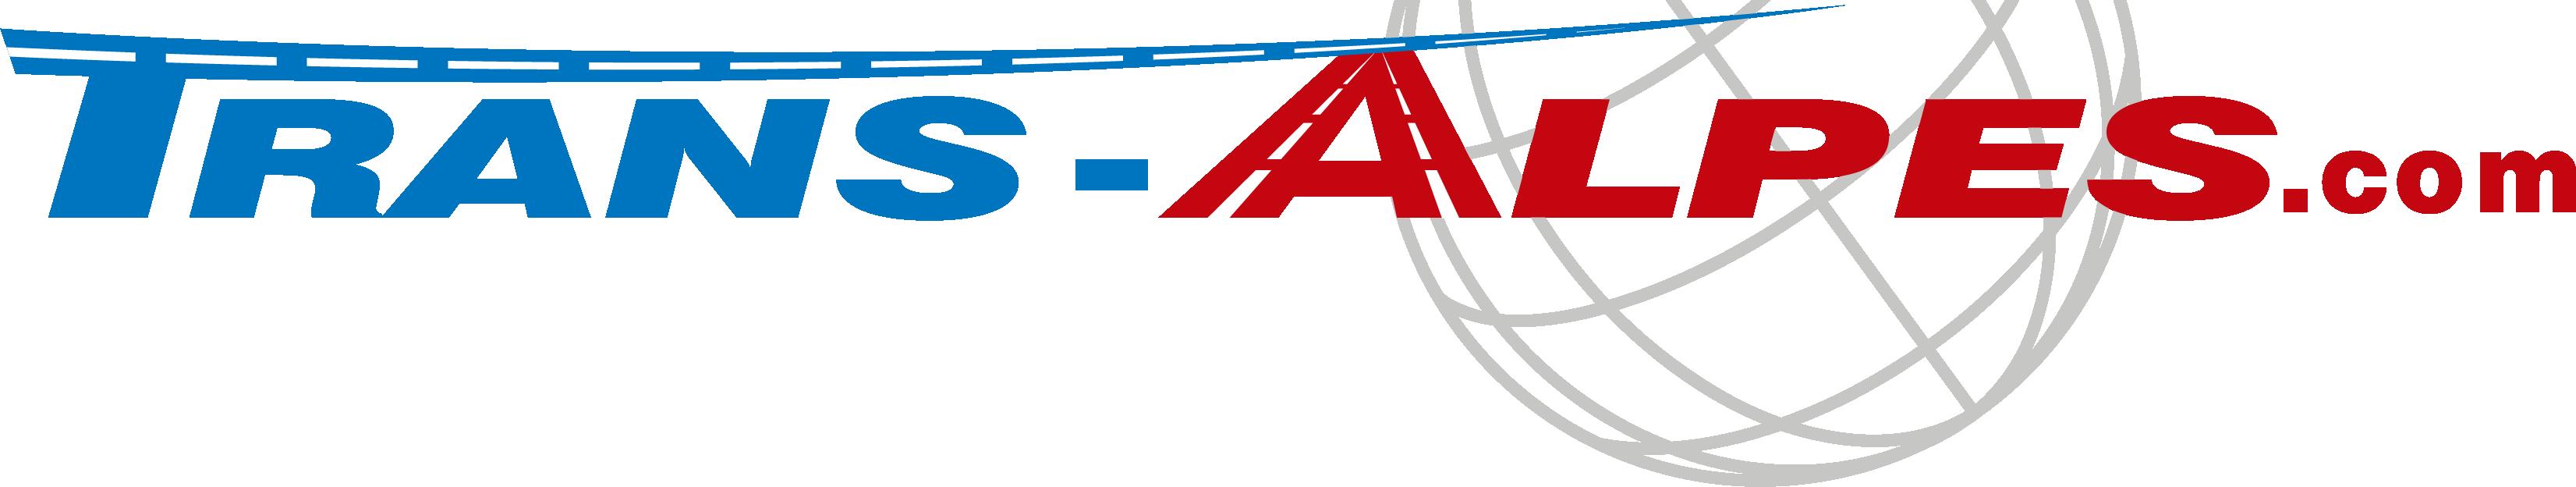 Trans-Alpes